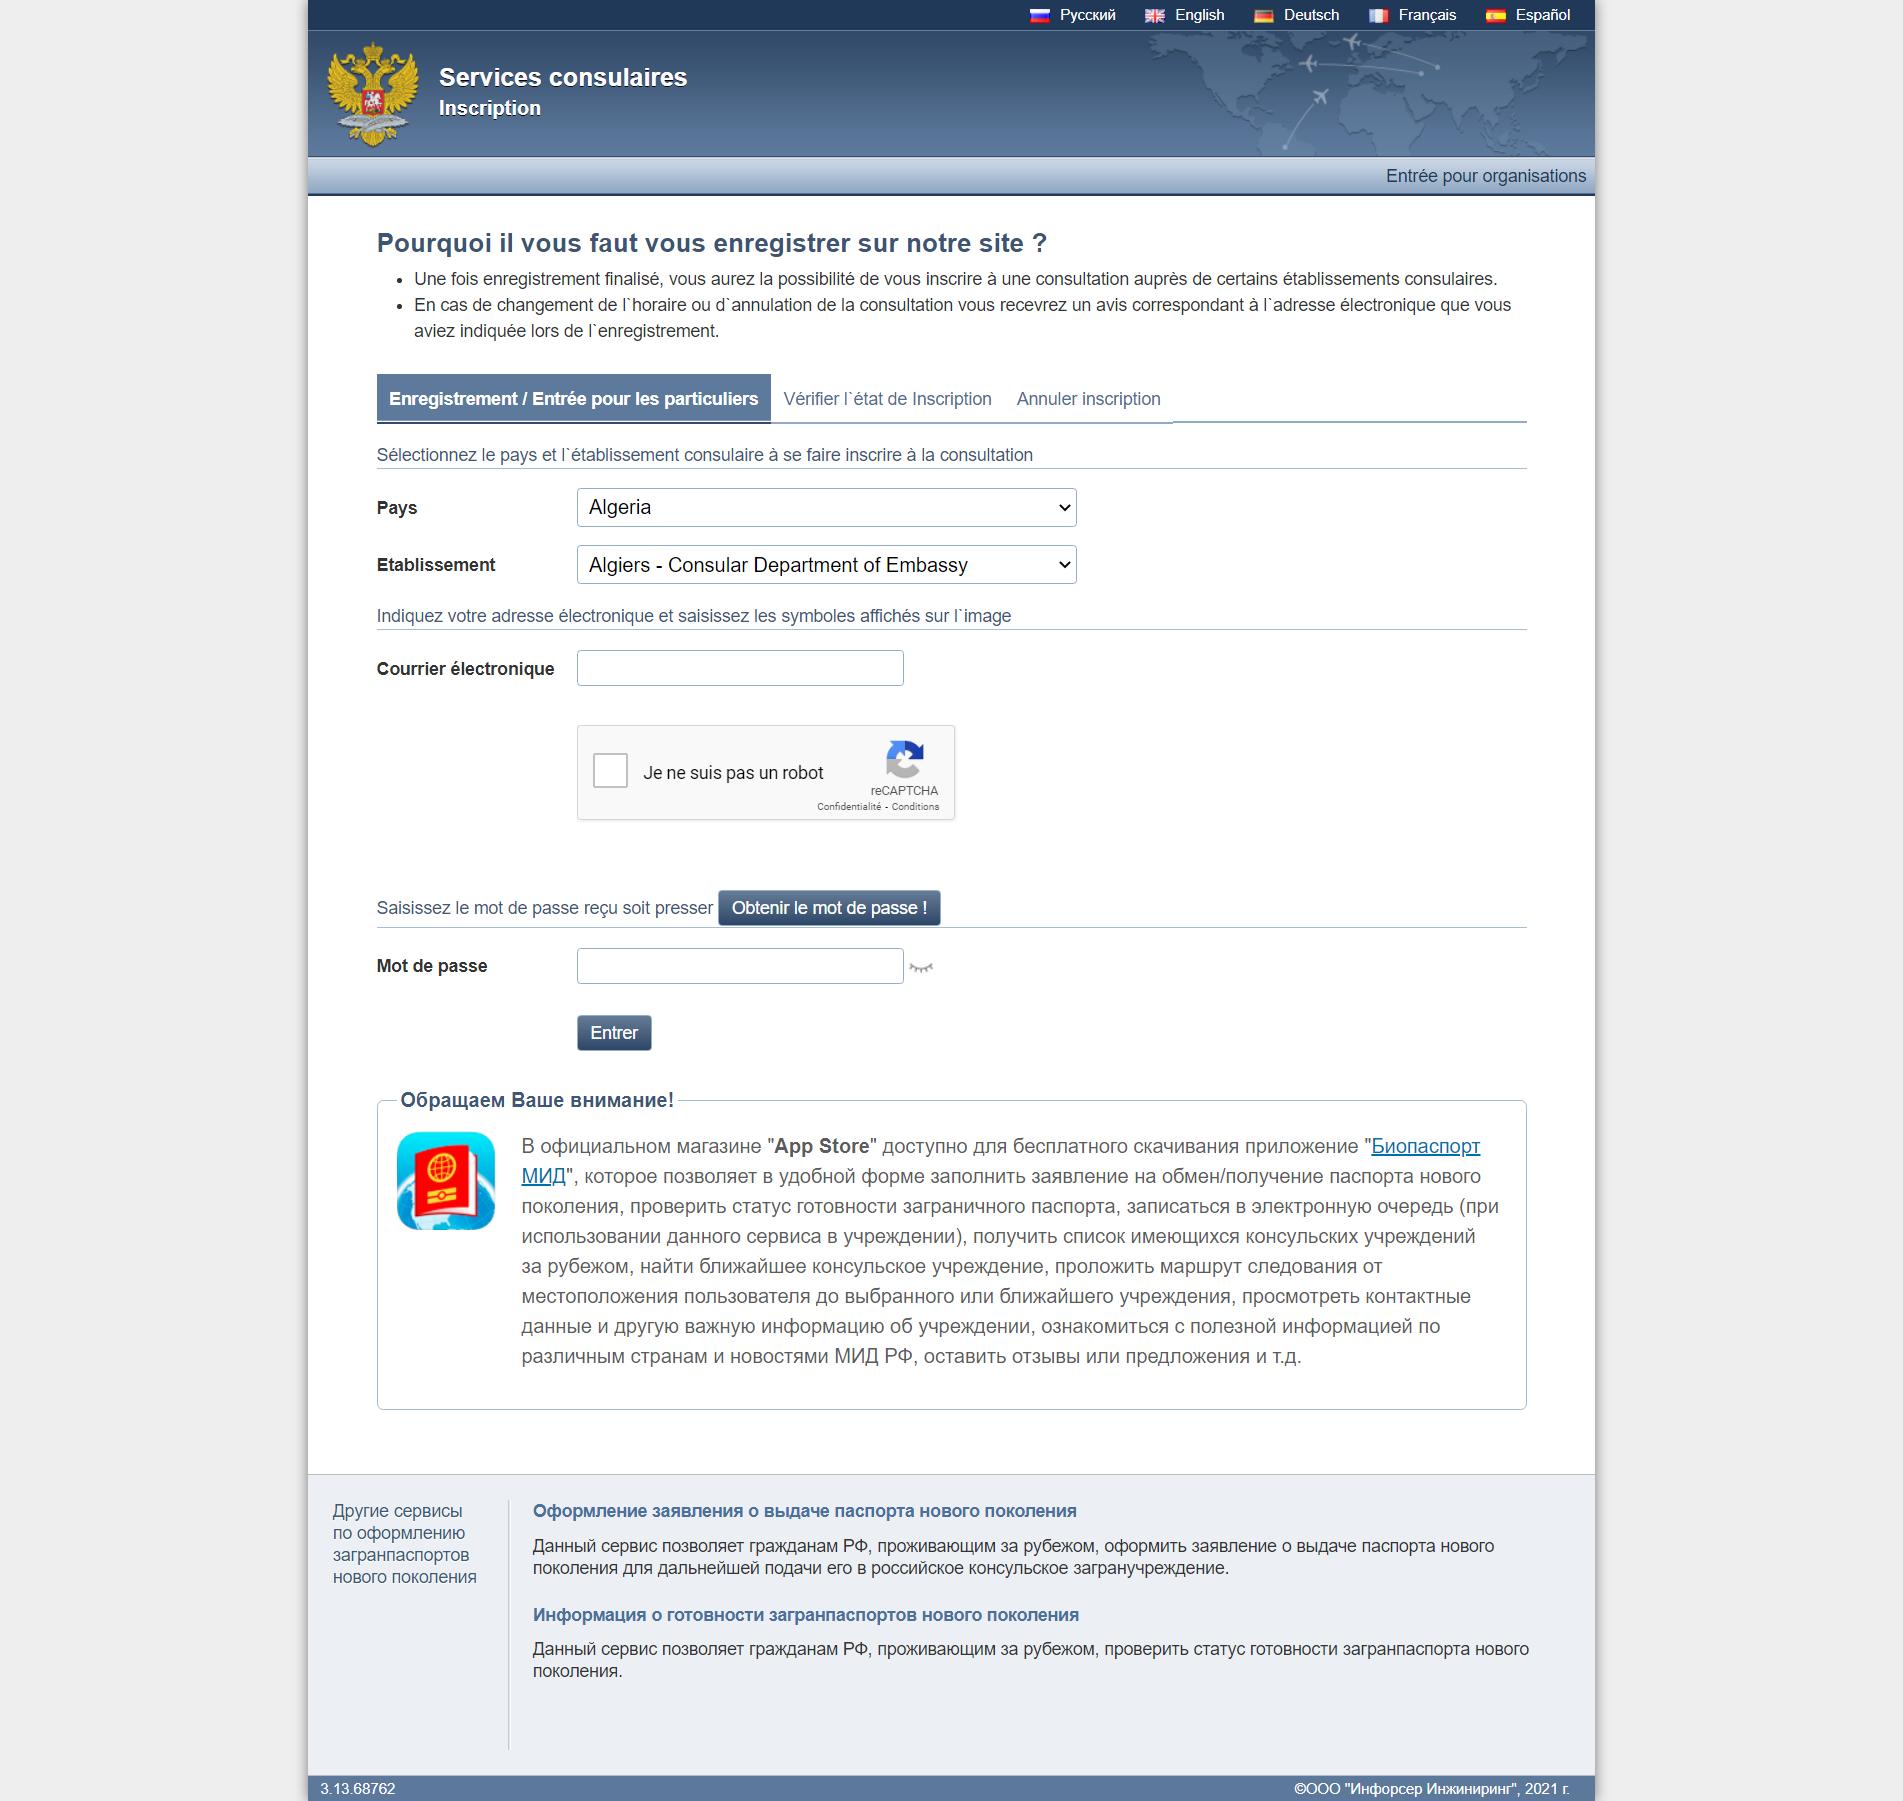 موقع حجز موعد في سفارة روسيا في الجزائر لطلب فيزا روسيا للجزائريين